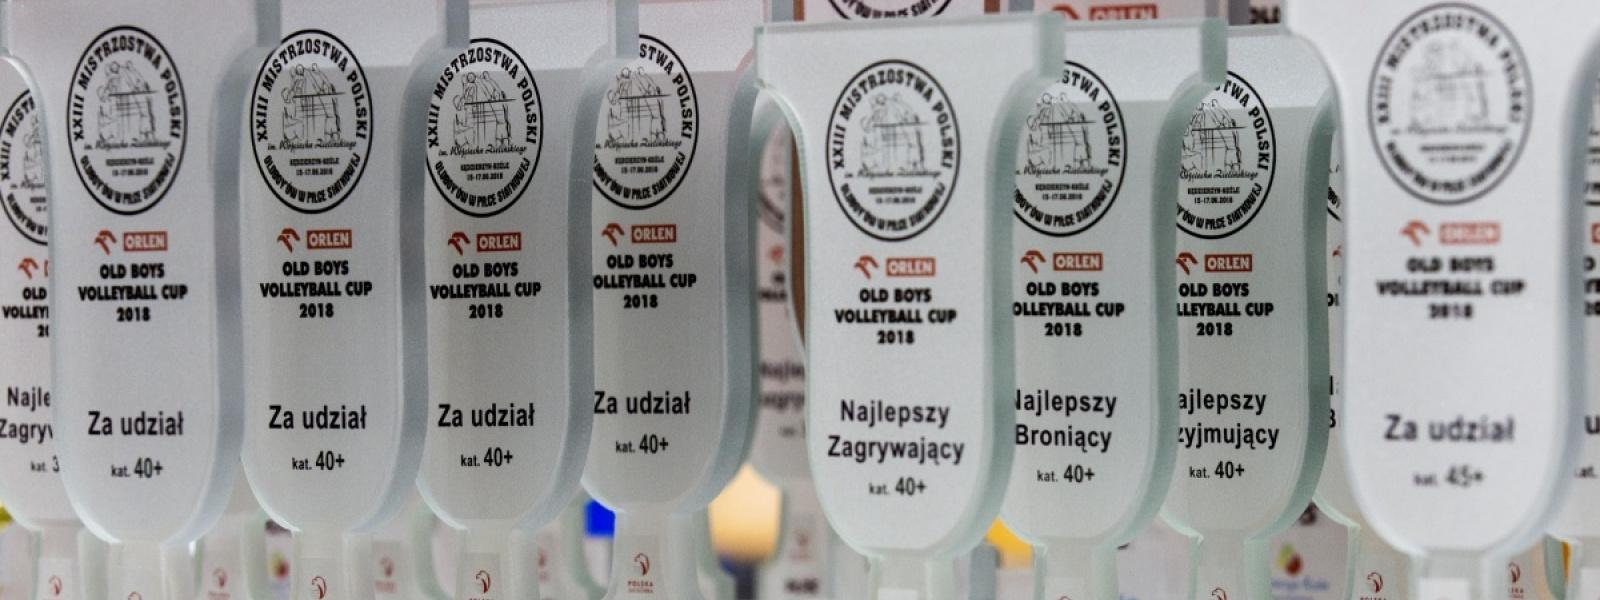 Można już zgłaszać drużyny na ORLEN XXIV Mistrzostwa Polski Oldboyów